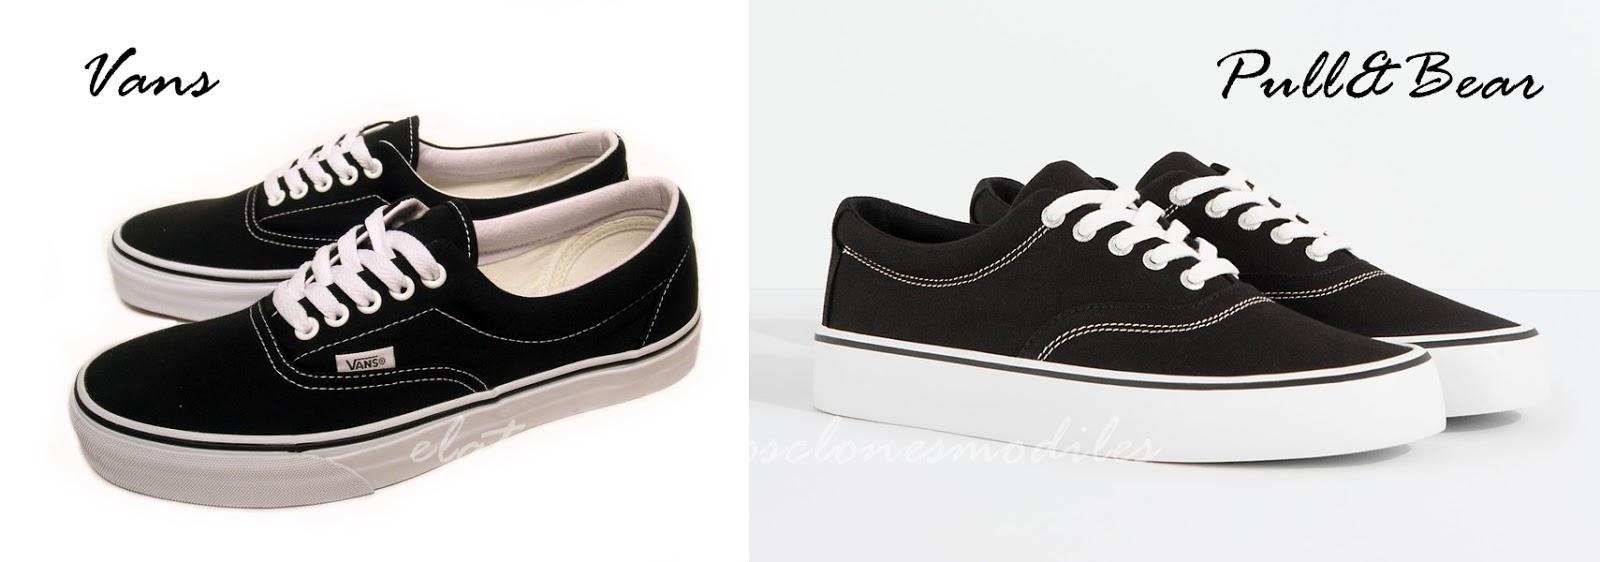 bf58c588d zapatillas vans por 22. Chollo! Zapatillas Vans Authentic baratas para niños  con diseño de .